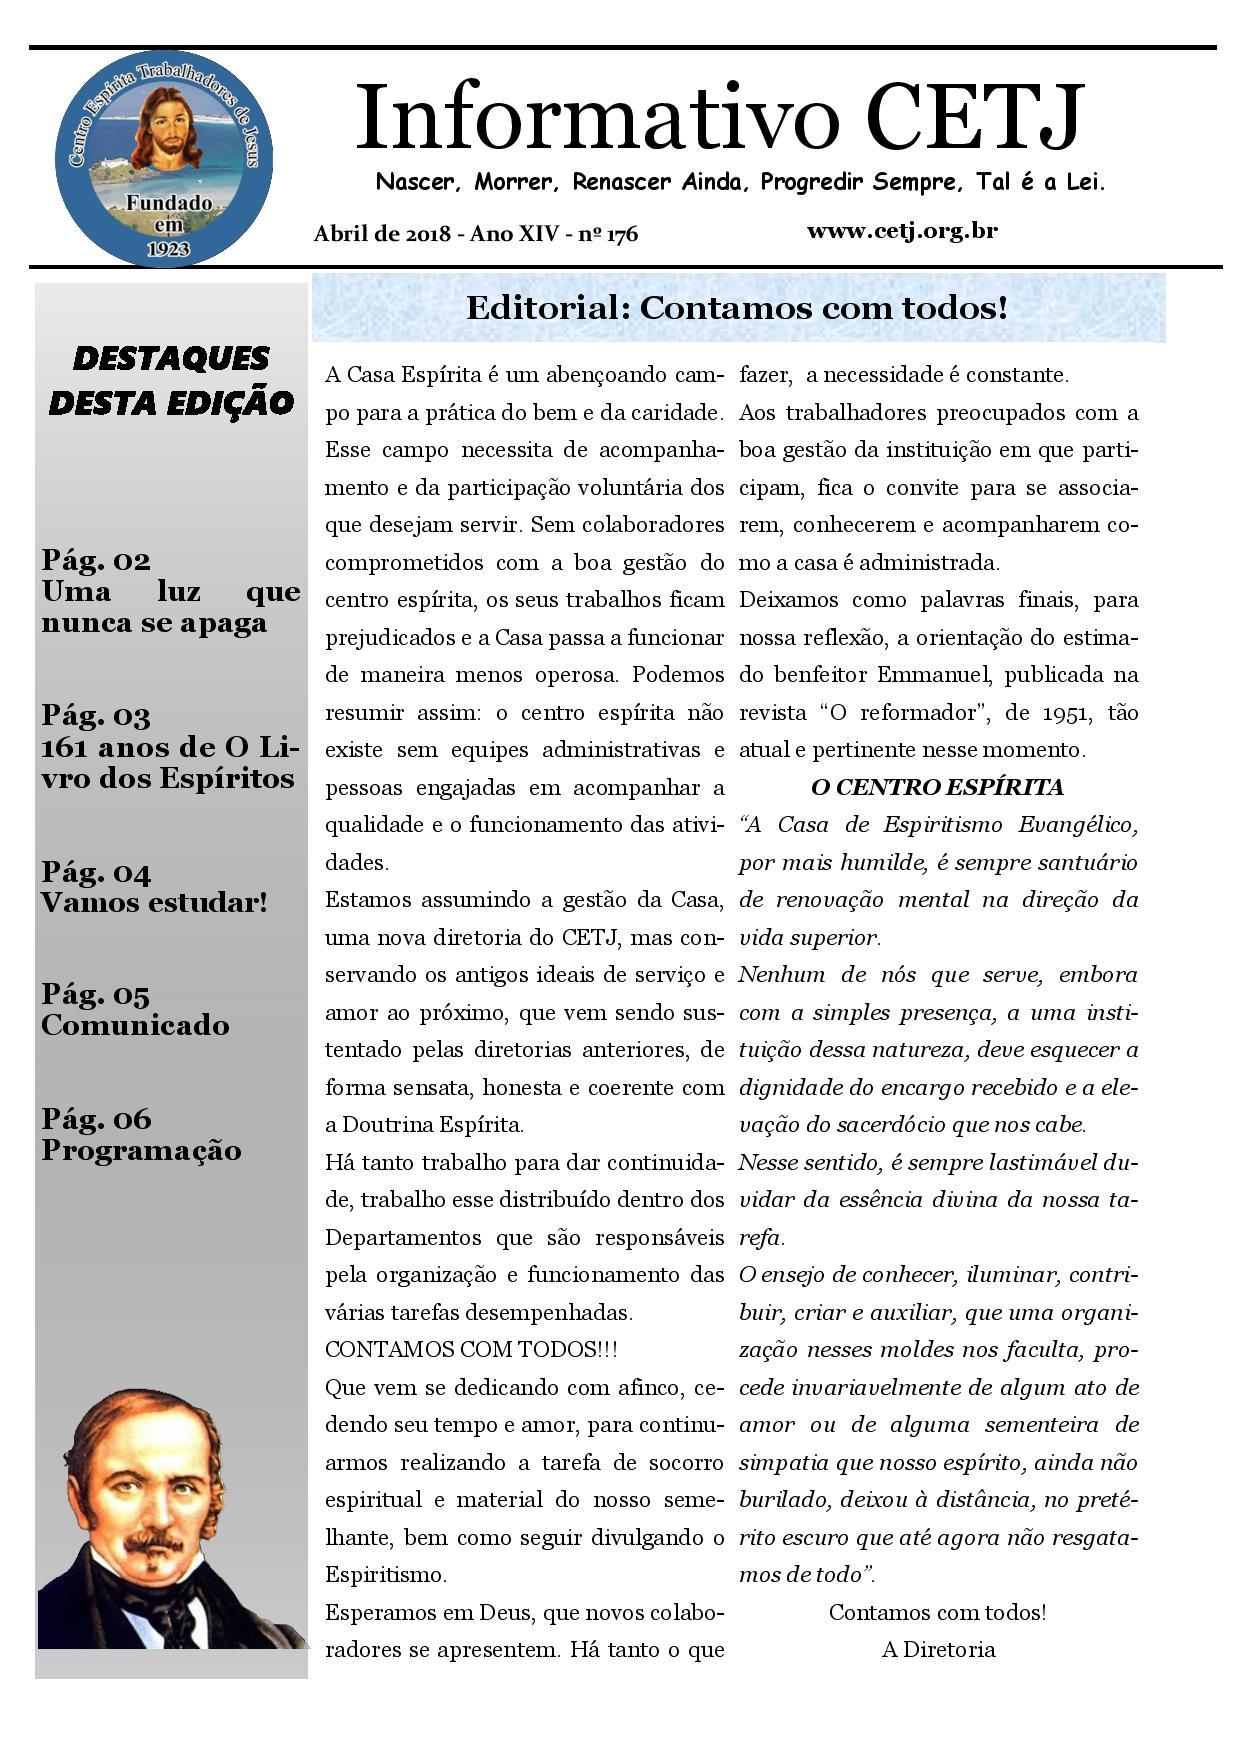 Informativo abril de 2018_net-page-001